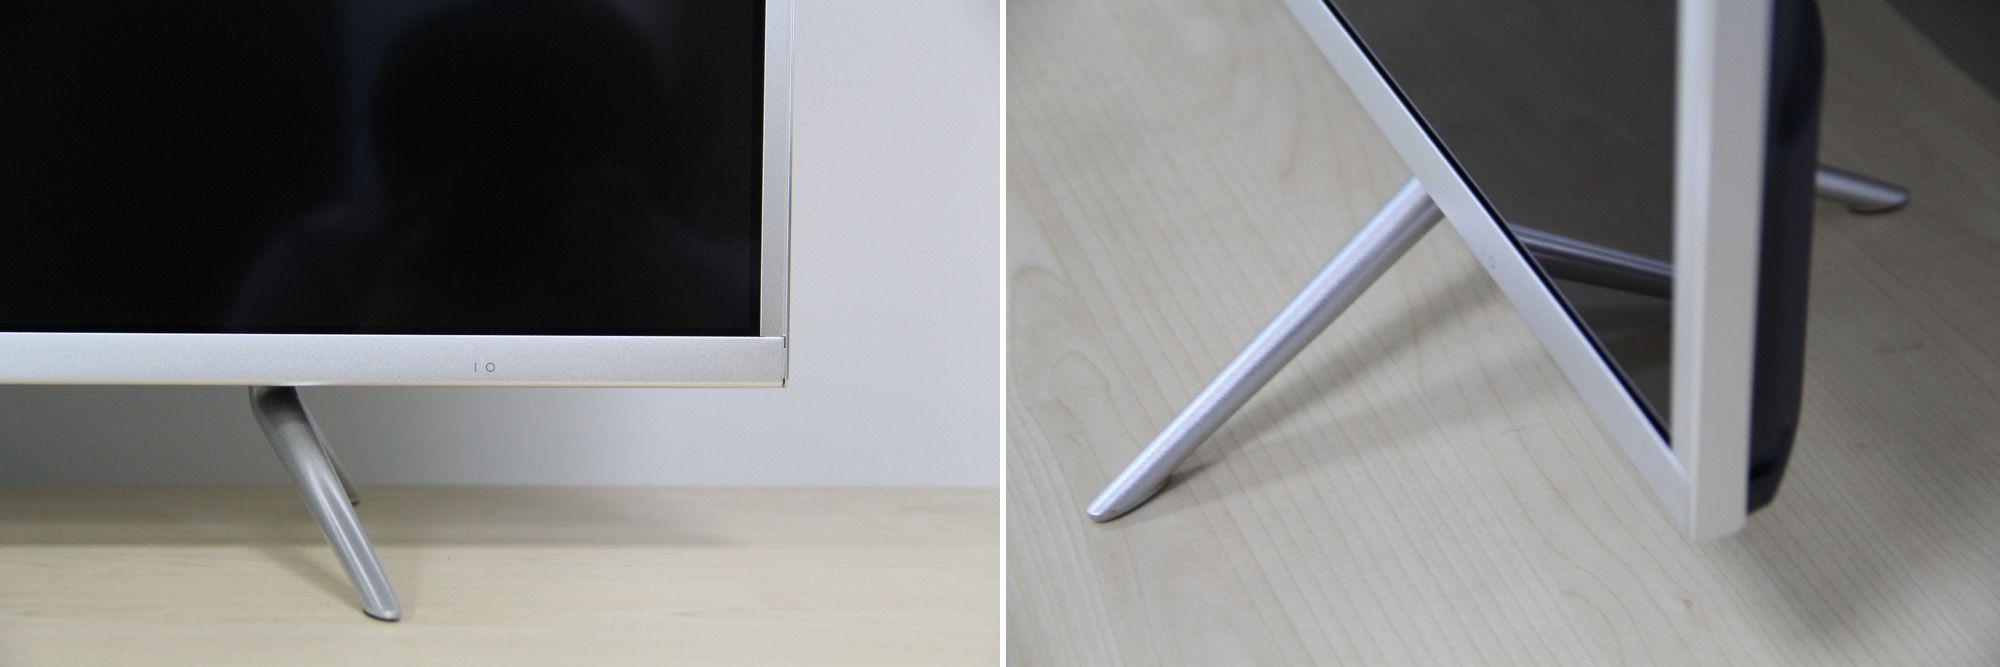 全程MEMC真彩HDR 康佳高端劲速电视S8000